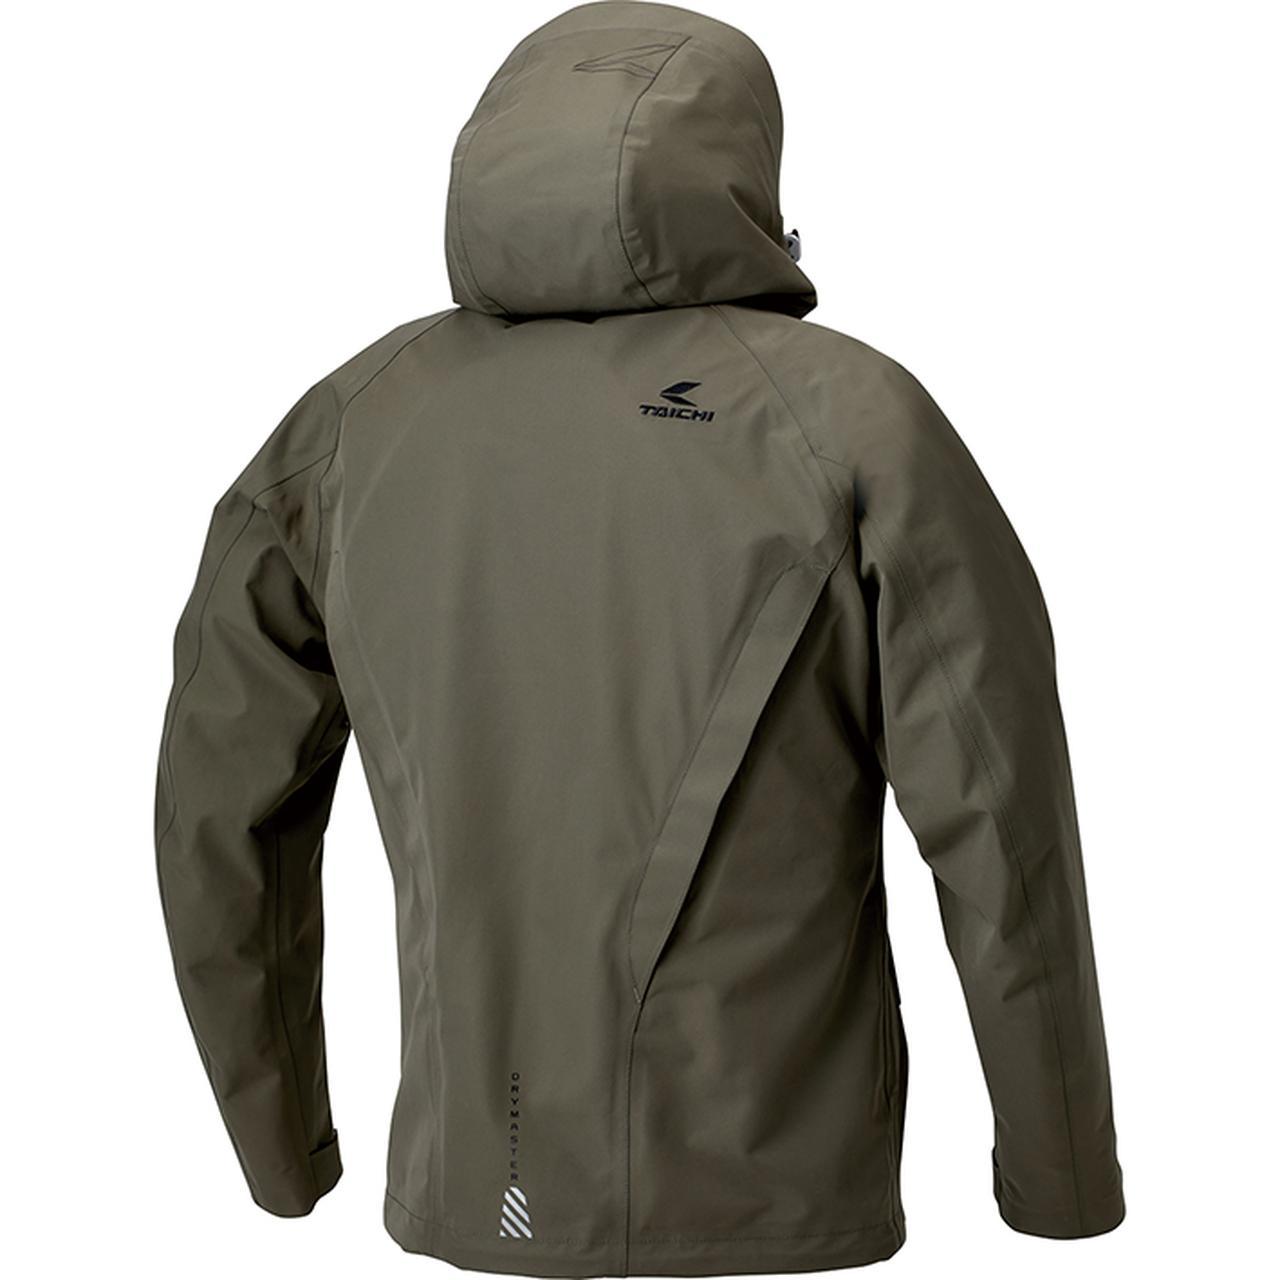 画像2: ライディングジャケットからアウトドアジャケットに簡単チェンジ、着用頻度が前モデルまでより高まるはず!